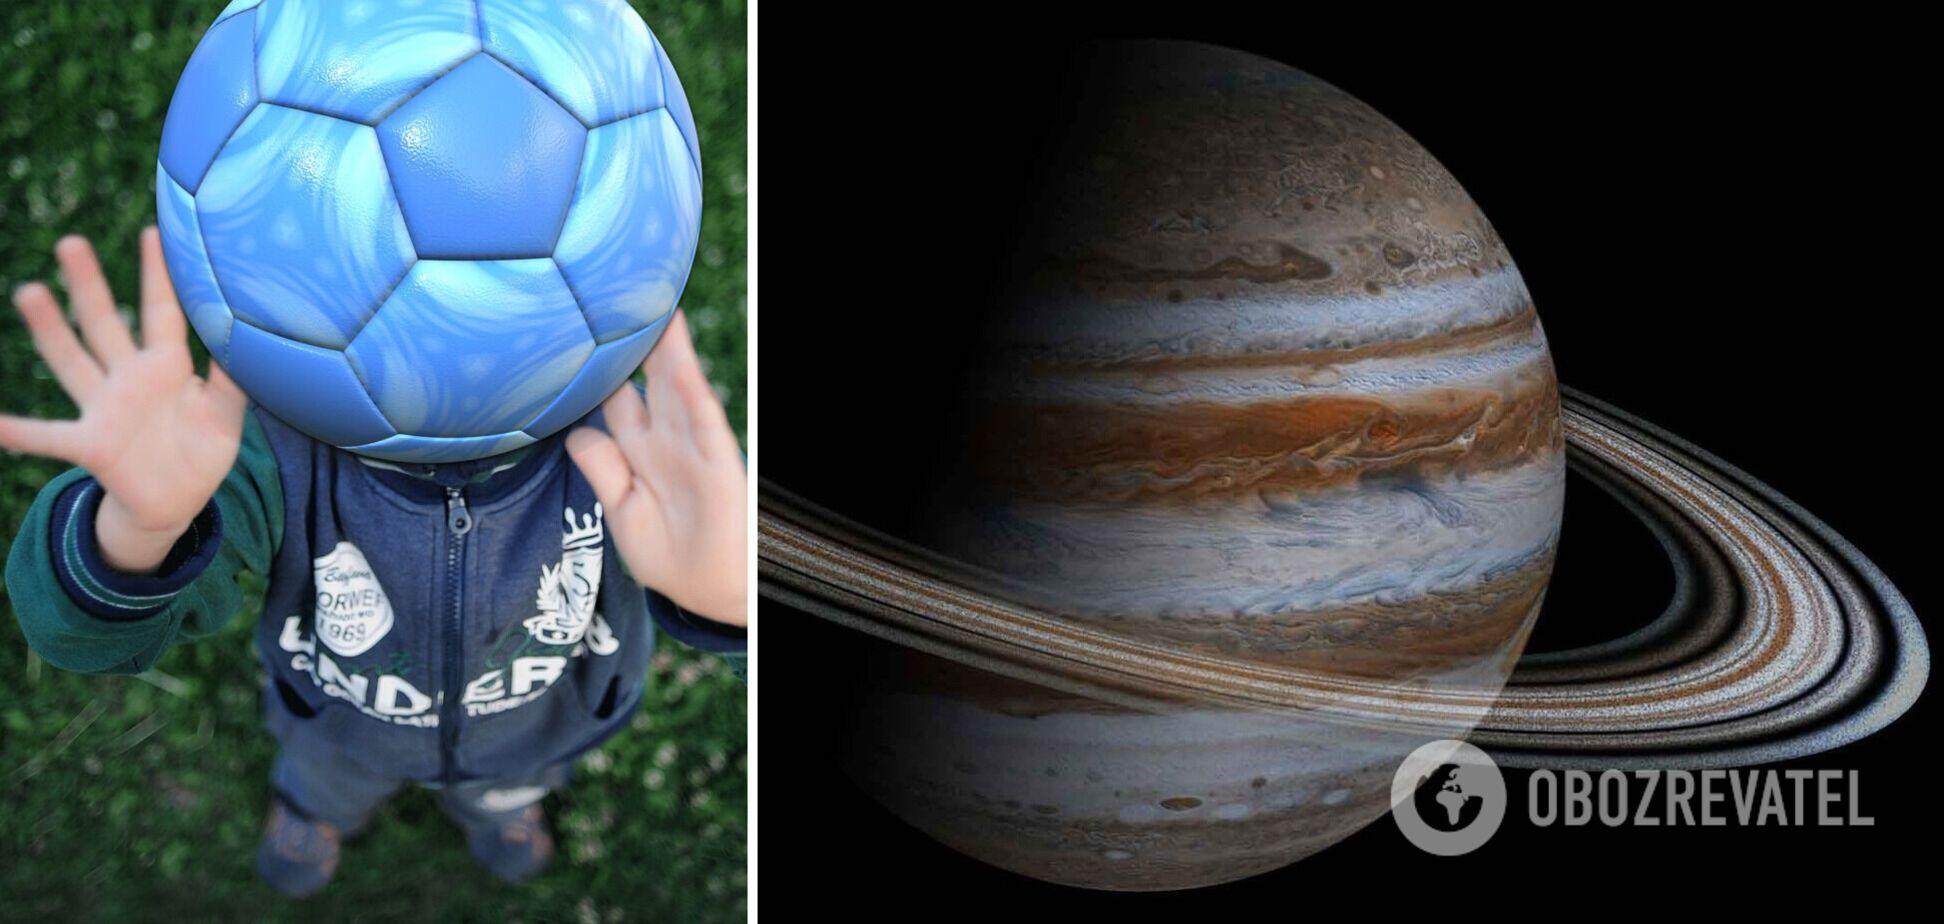 Как будет падать мяч на разных планетах: ученый показал видео и назвал лучшее место для игры